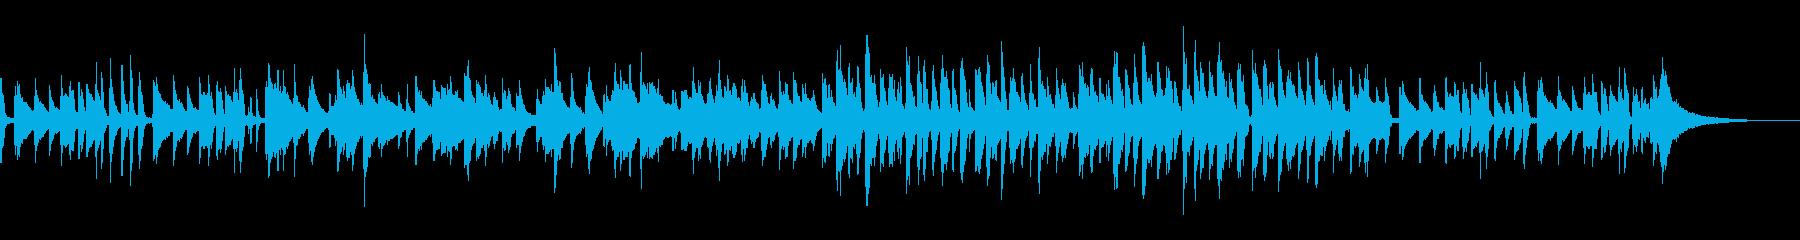 大人カッコイイ!渋い雰囲気のピアノジャズの再生済みの波形